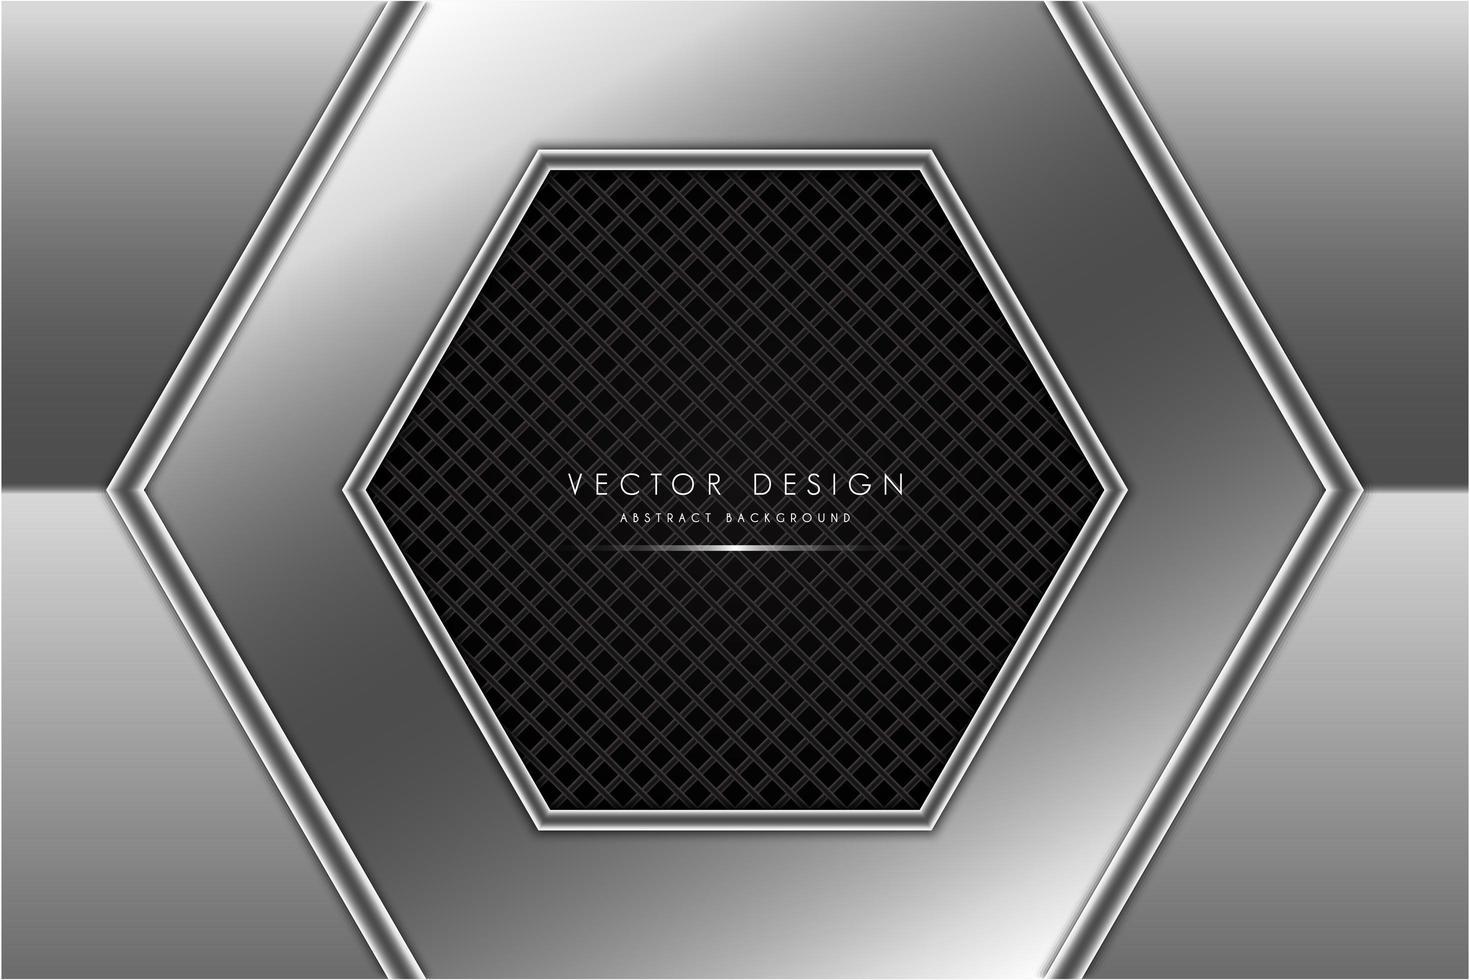 forma hexagonal gris metálico con textura de fibra de carbono vector